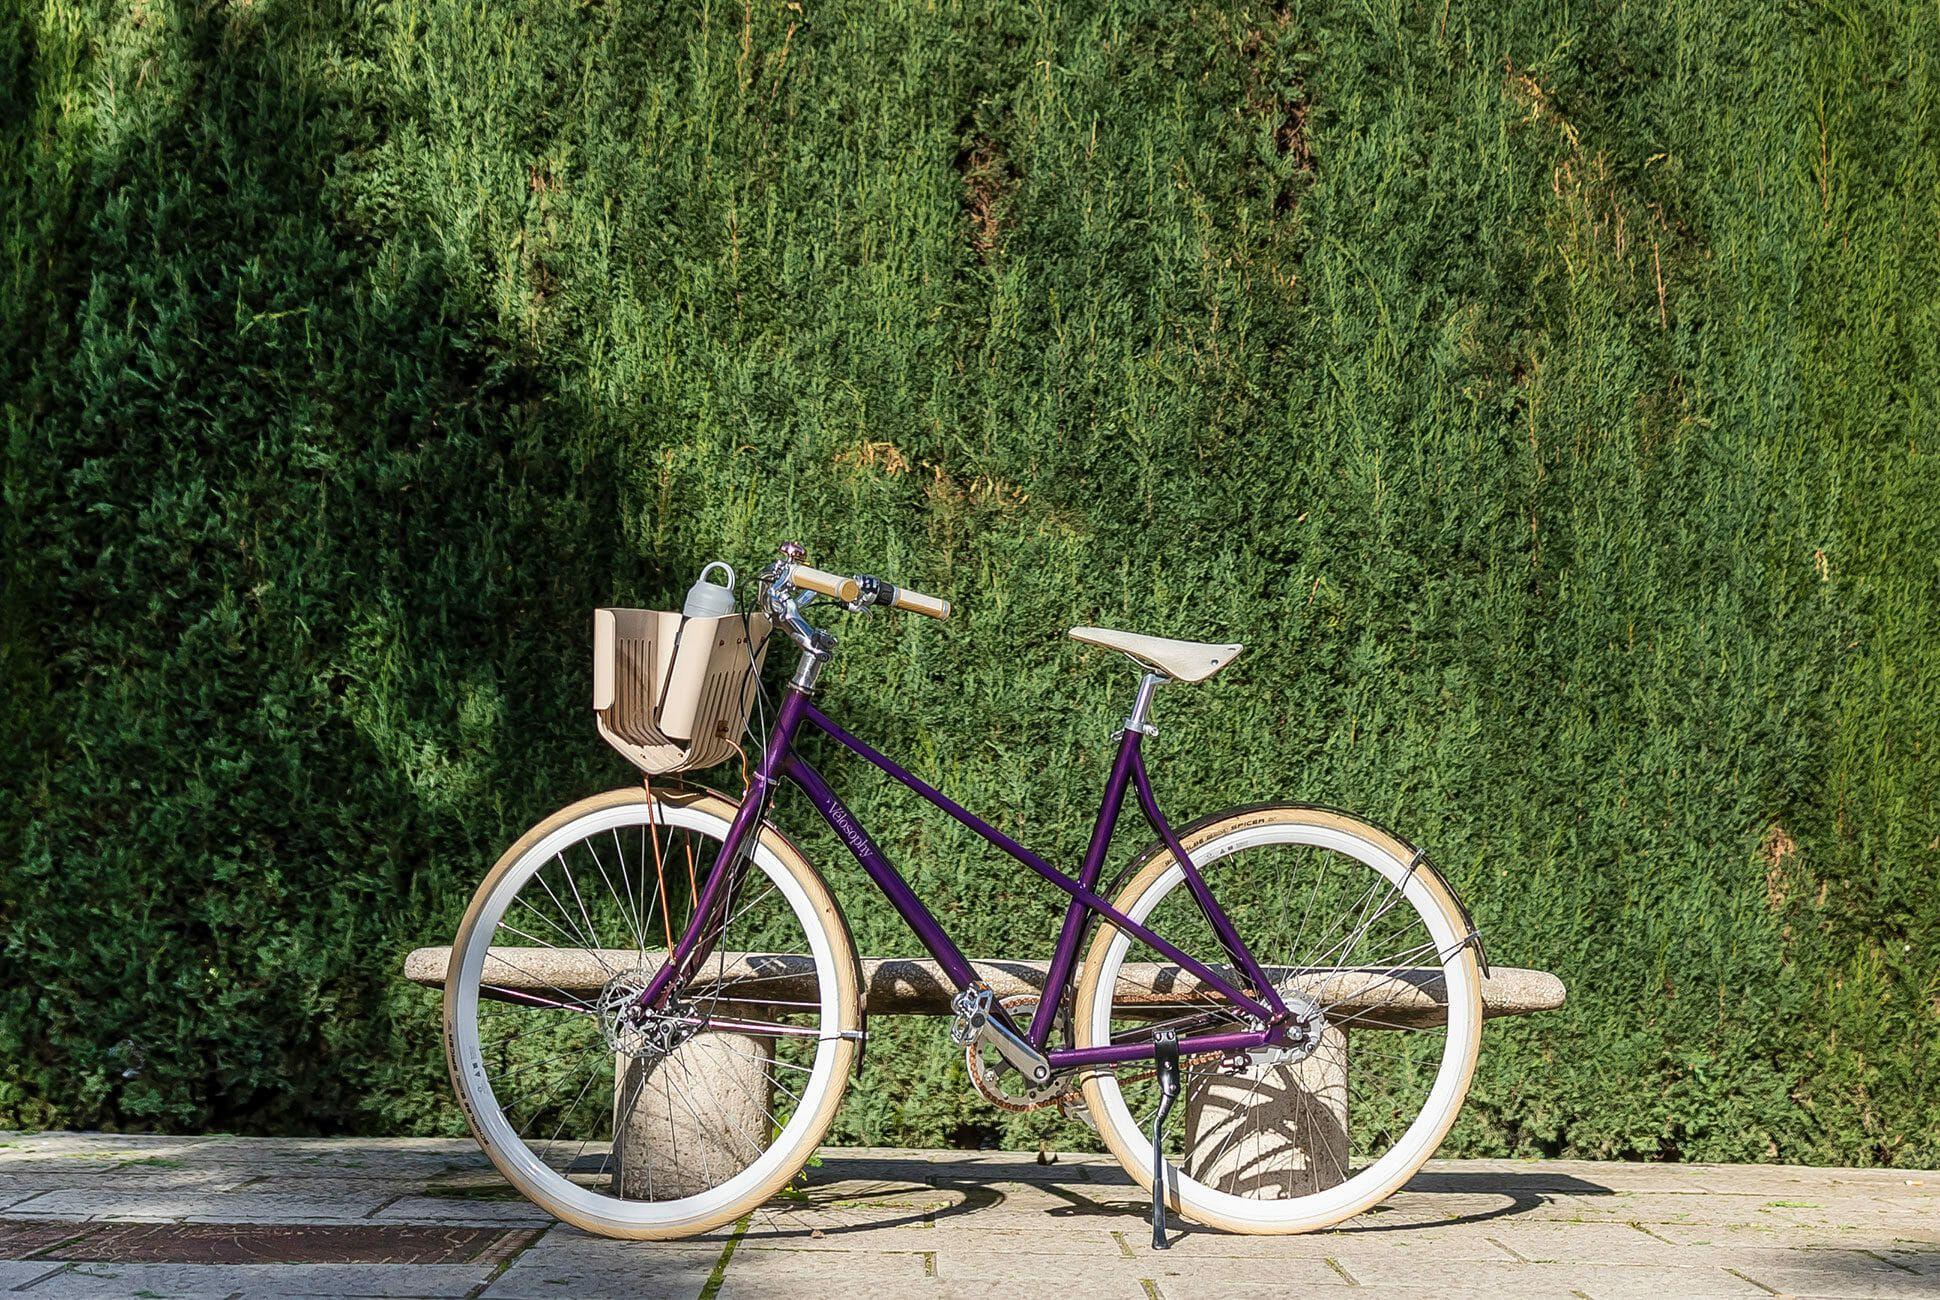 Velosophy-Re-Cycle-Nespresso-Bike-gear-patrol-slide-3